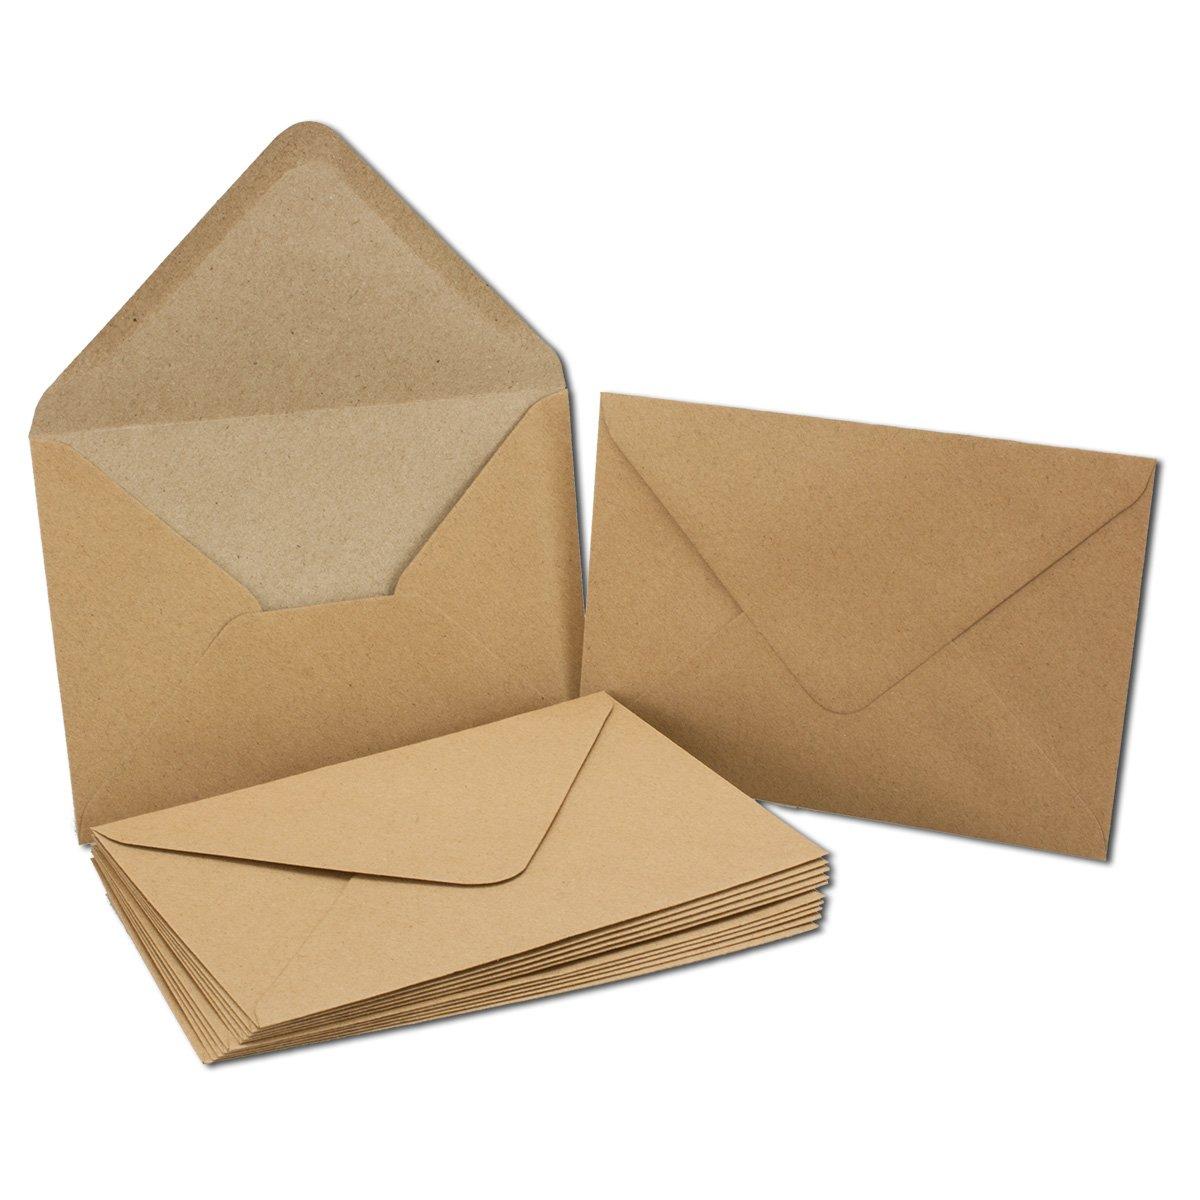 Vintage Kraftpapier-Karten Set mit Brief-Umschläge & Einlege-Blätter I 250 250 250 Sets I Blanko Recycling-Karten Natur-Braun I DIN A6   C6 B075GL3HZF | Online  5c0d3b